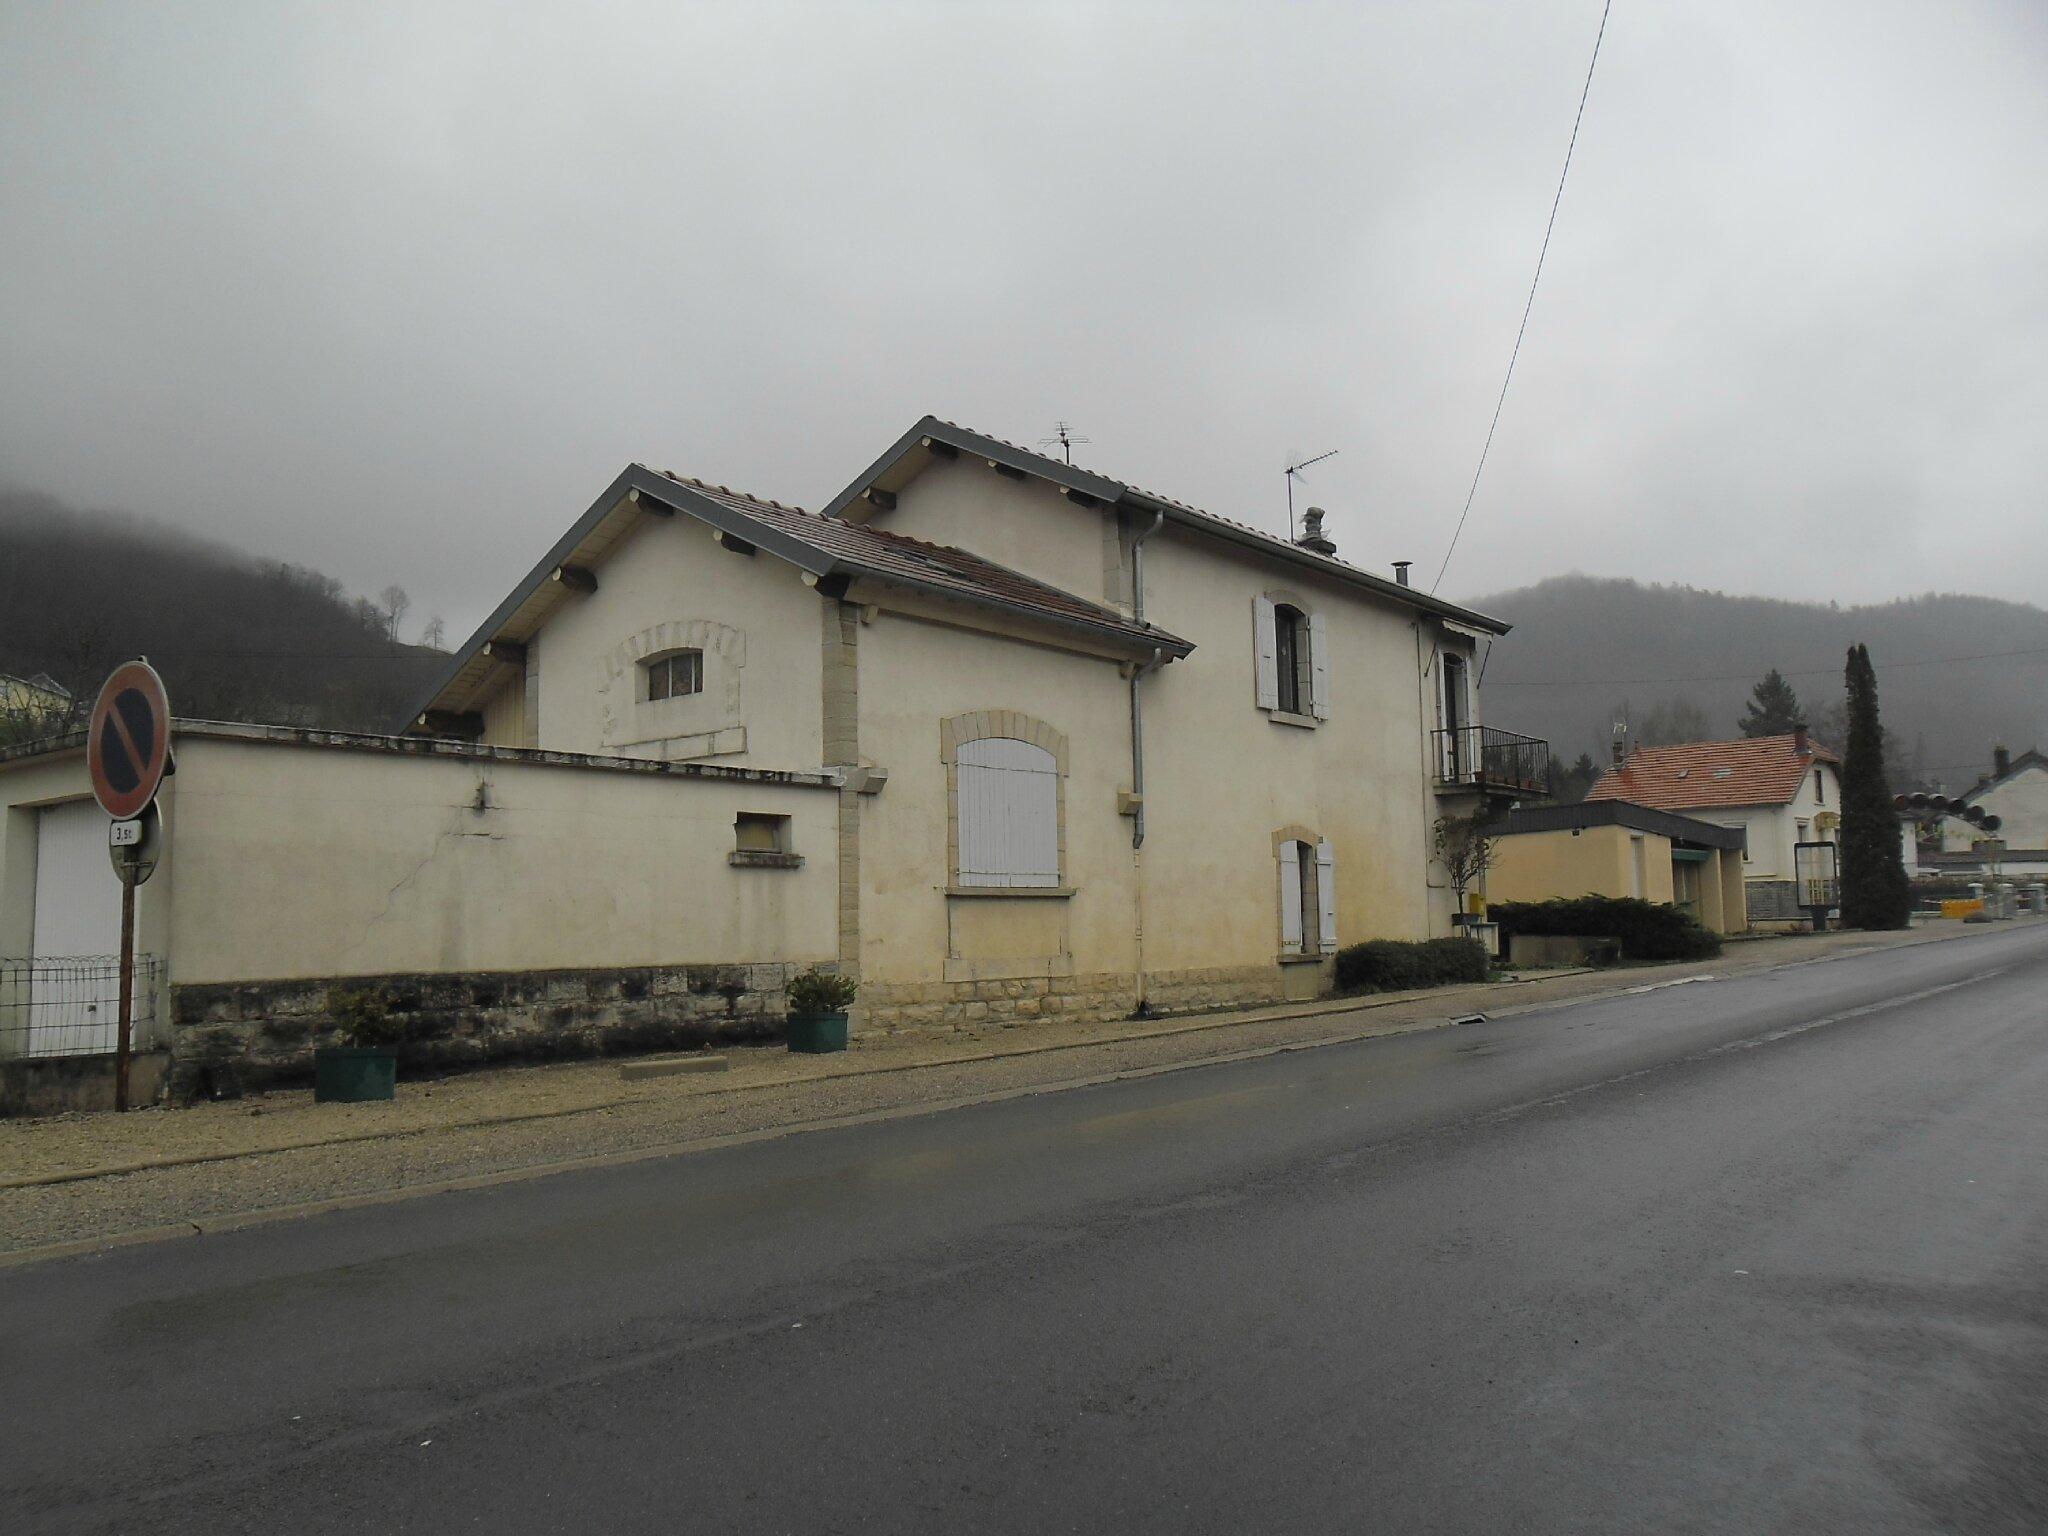 Conliège (Jura)